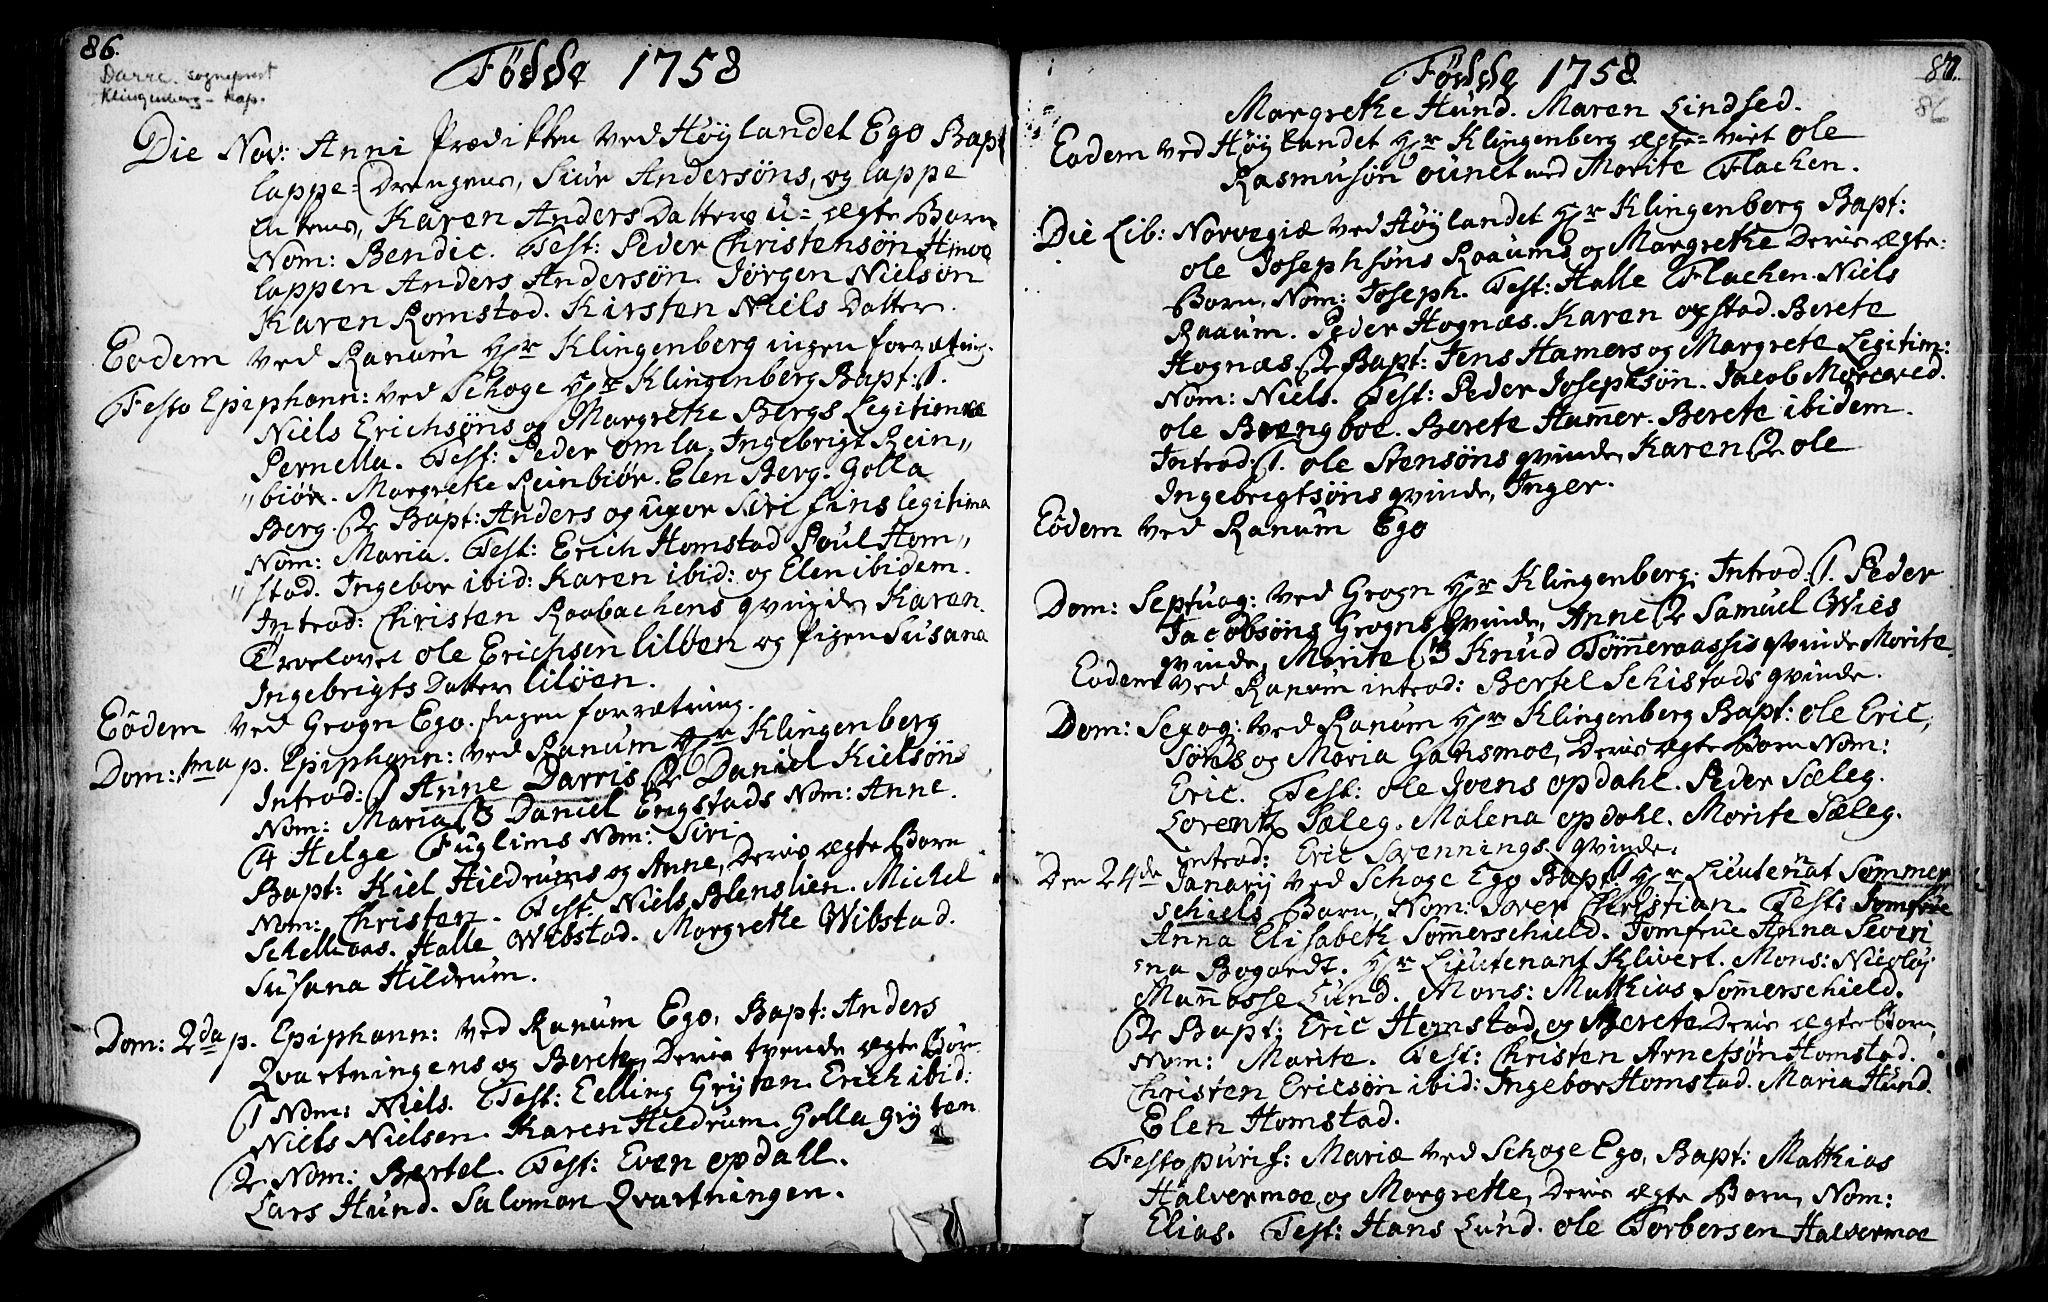 SAT, Ministerialprotokoller, klokkerbøker og fødselsregistre - Nord-Trøndelag, 764/L0542: Ministerialbok nr. 764A02, 1748-1779, s. 86